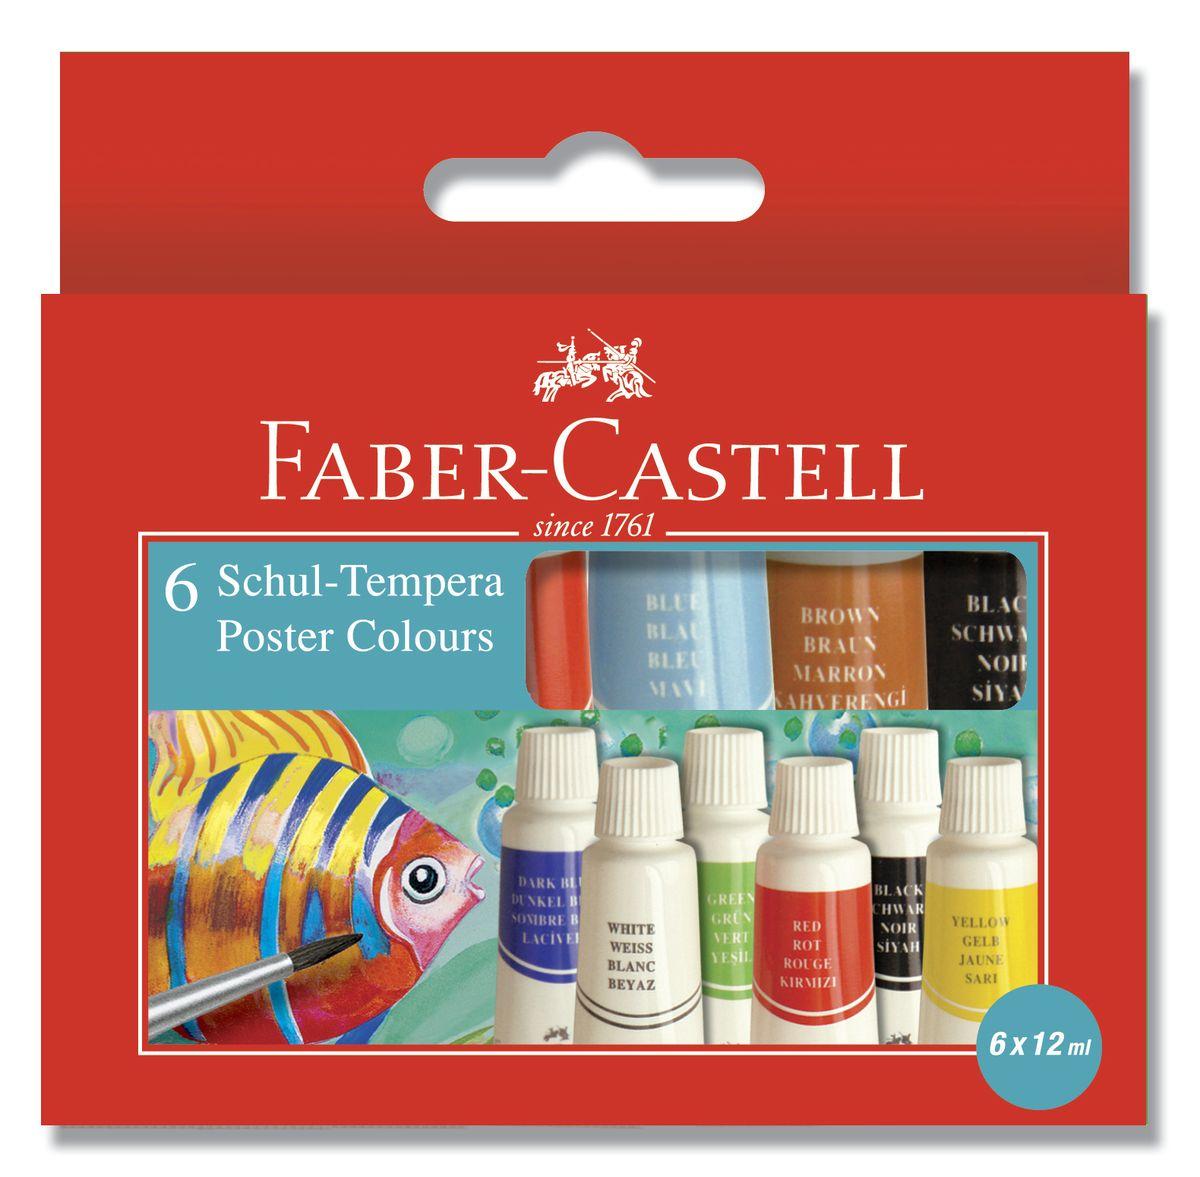 Faber-Castell Гуашь в тюбиках набор цветов 12 мл 6 шт121006• качественная гуашь в закрывающихся пластиковых тубах • практичная пластиковая или картонная упаковка с кисточкой • яркие и насыщенные цвета • тюбики по 12 мл.